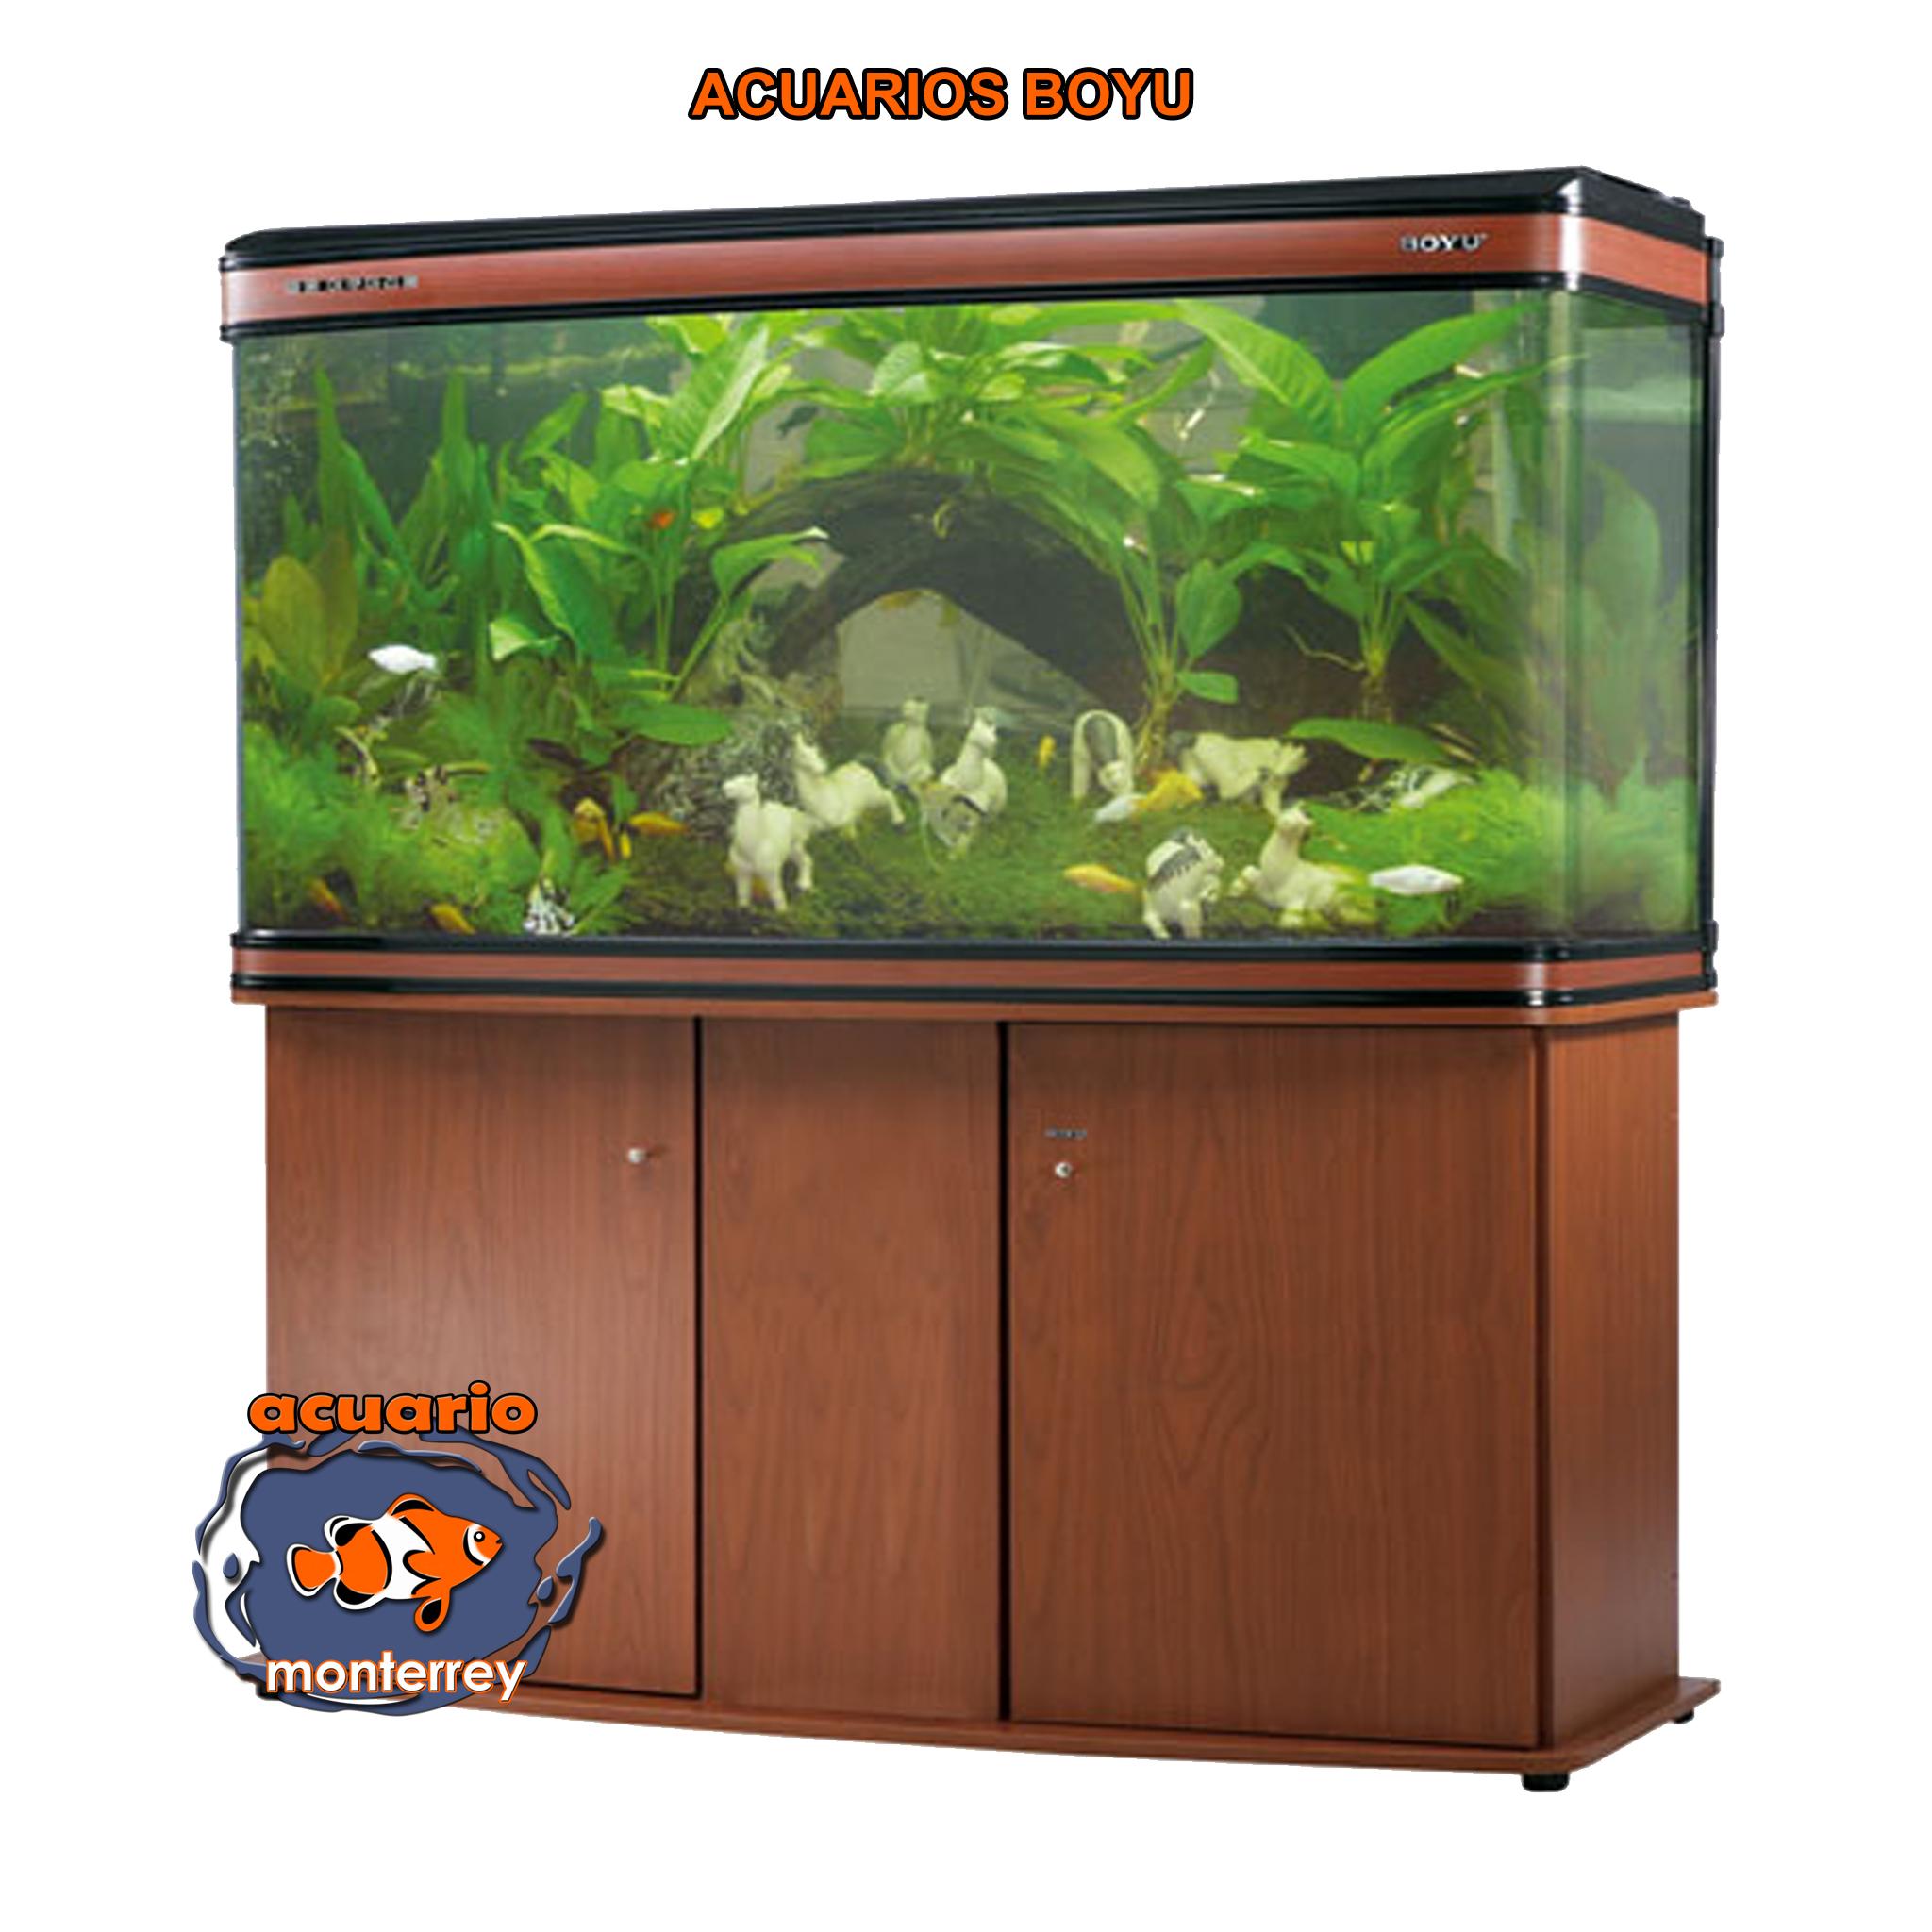 Acuario boyu lh1200 90 galones acuario monterrey for Accesorios para acuarios marinos